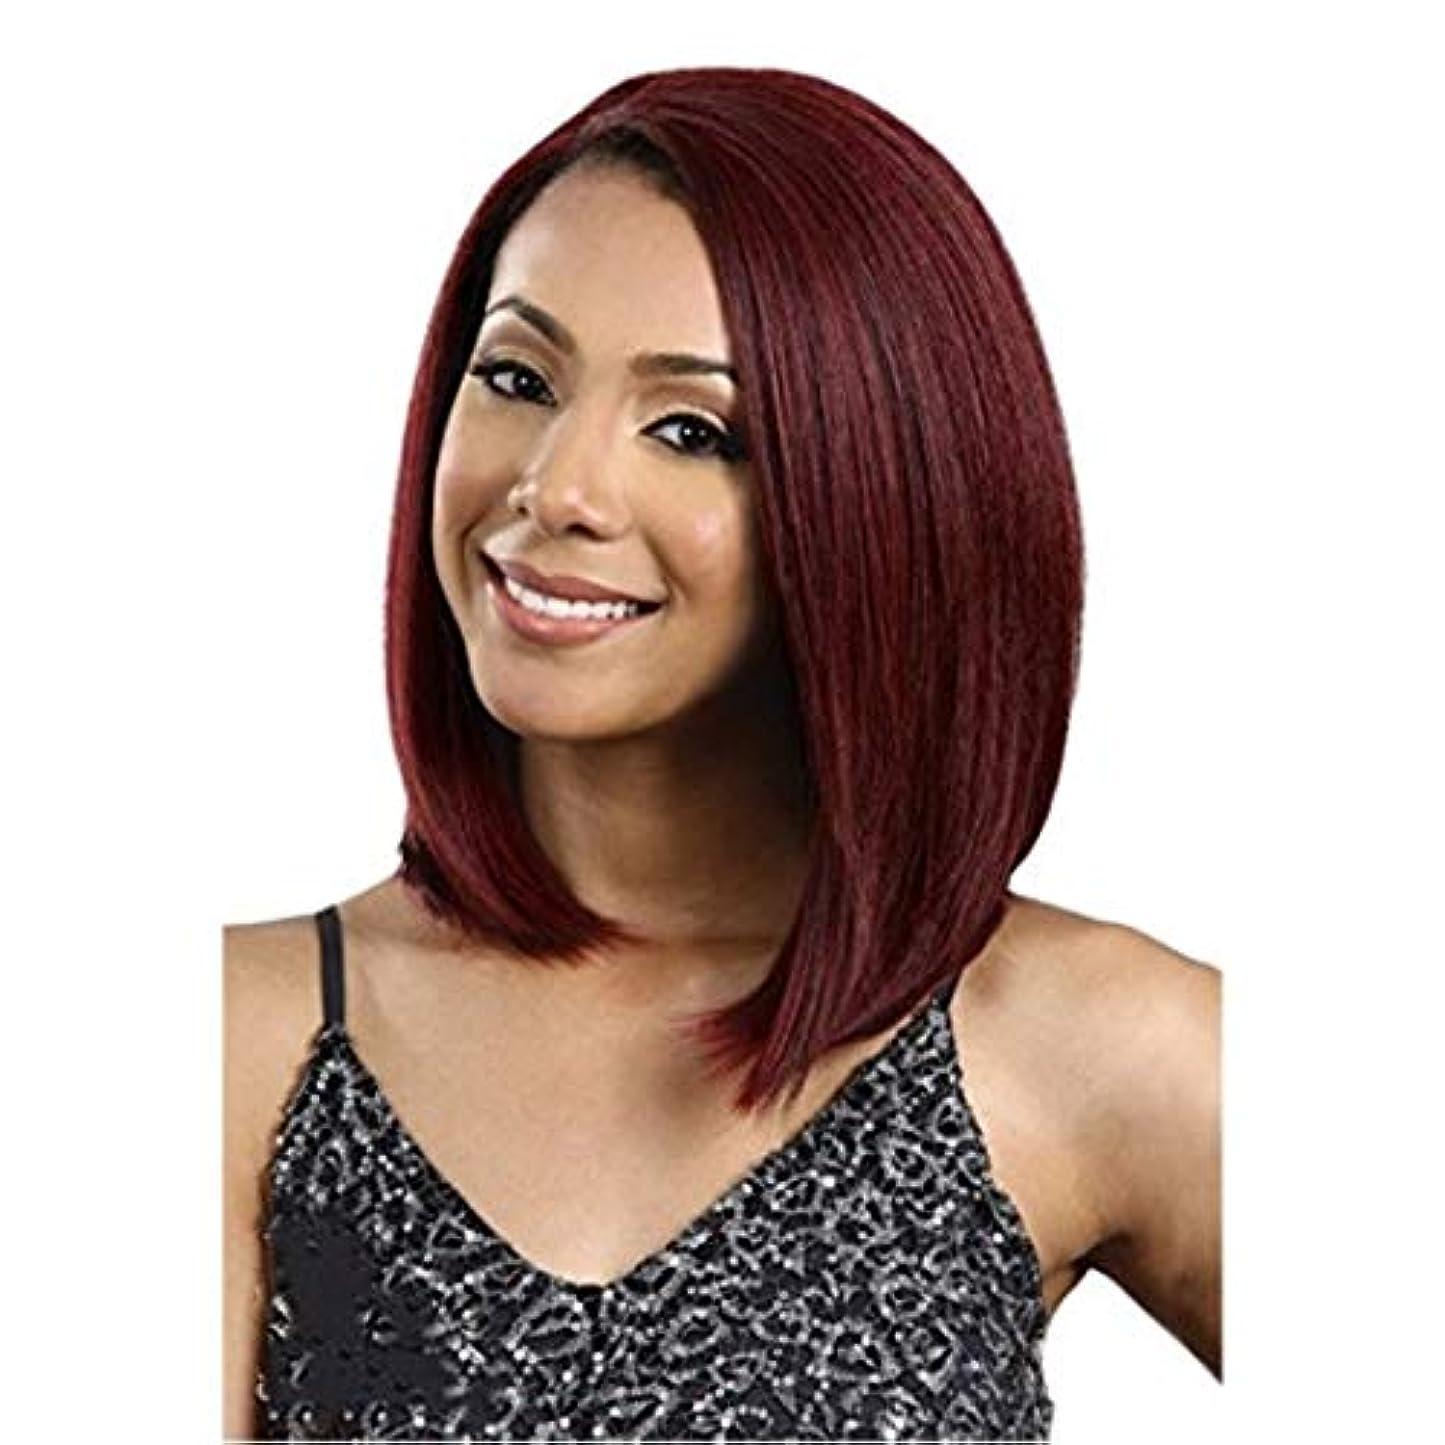 活力小川湾Kerwinner 女性のための前髪の髪のかつらとミディアムストレートヘアレッドウィッグヘッドギア耐熱合成かつら